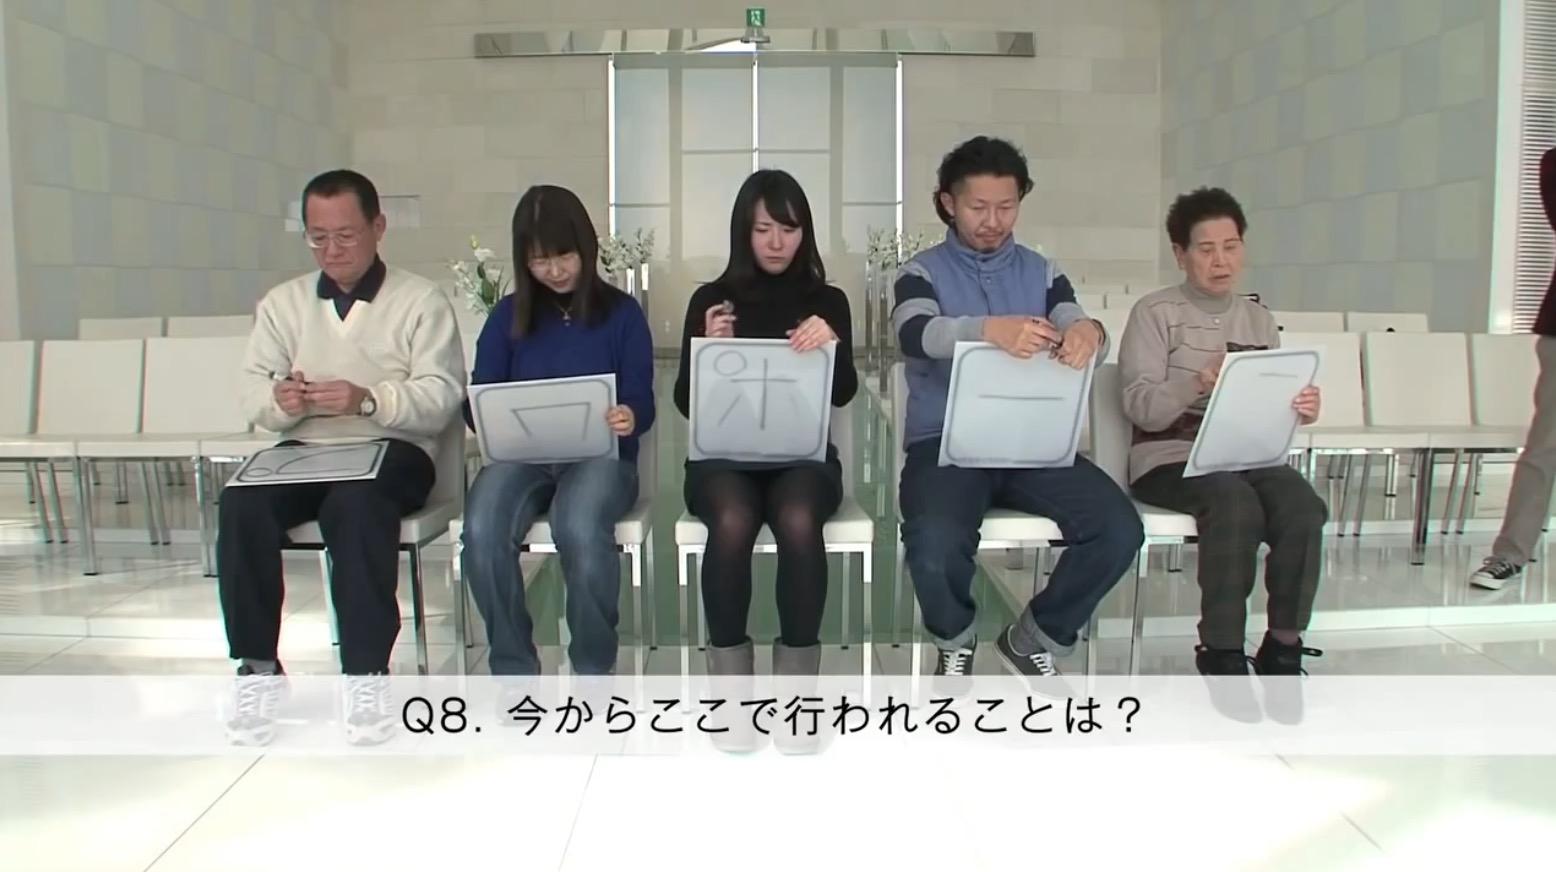 【感動】クイズ番組の収録中、突然涙ぐむ女性。彼が家族と仕掛けたサプライズプロポーズに感動!!